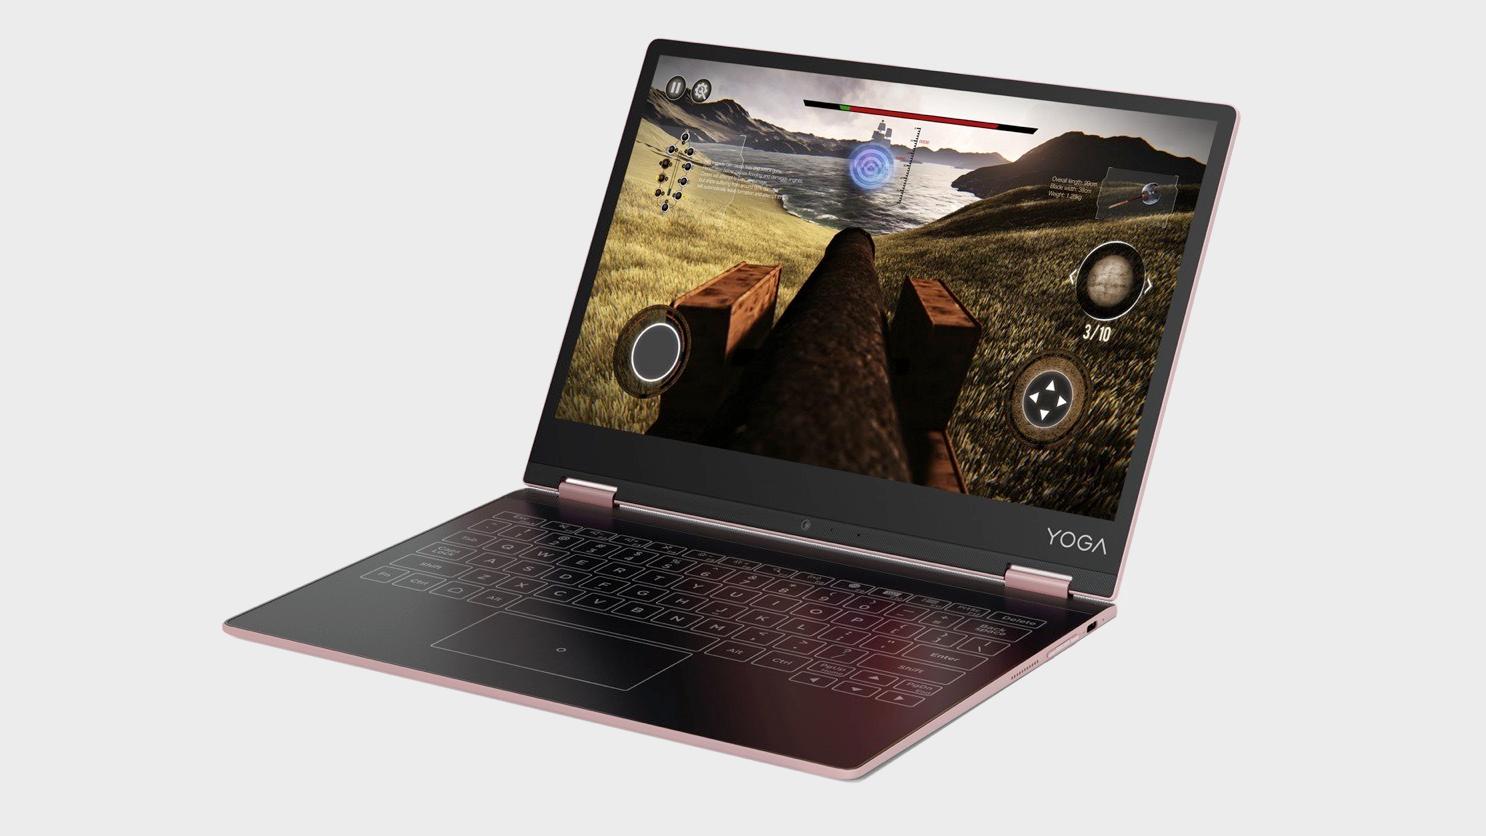 Lenovo sier dette produktet tilhører en helt ny kategori